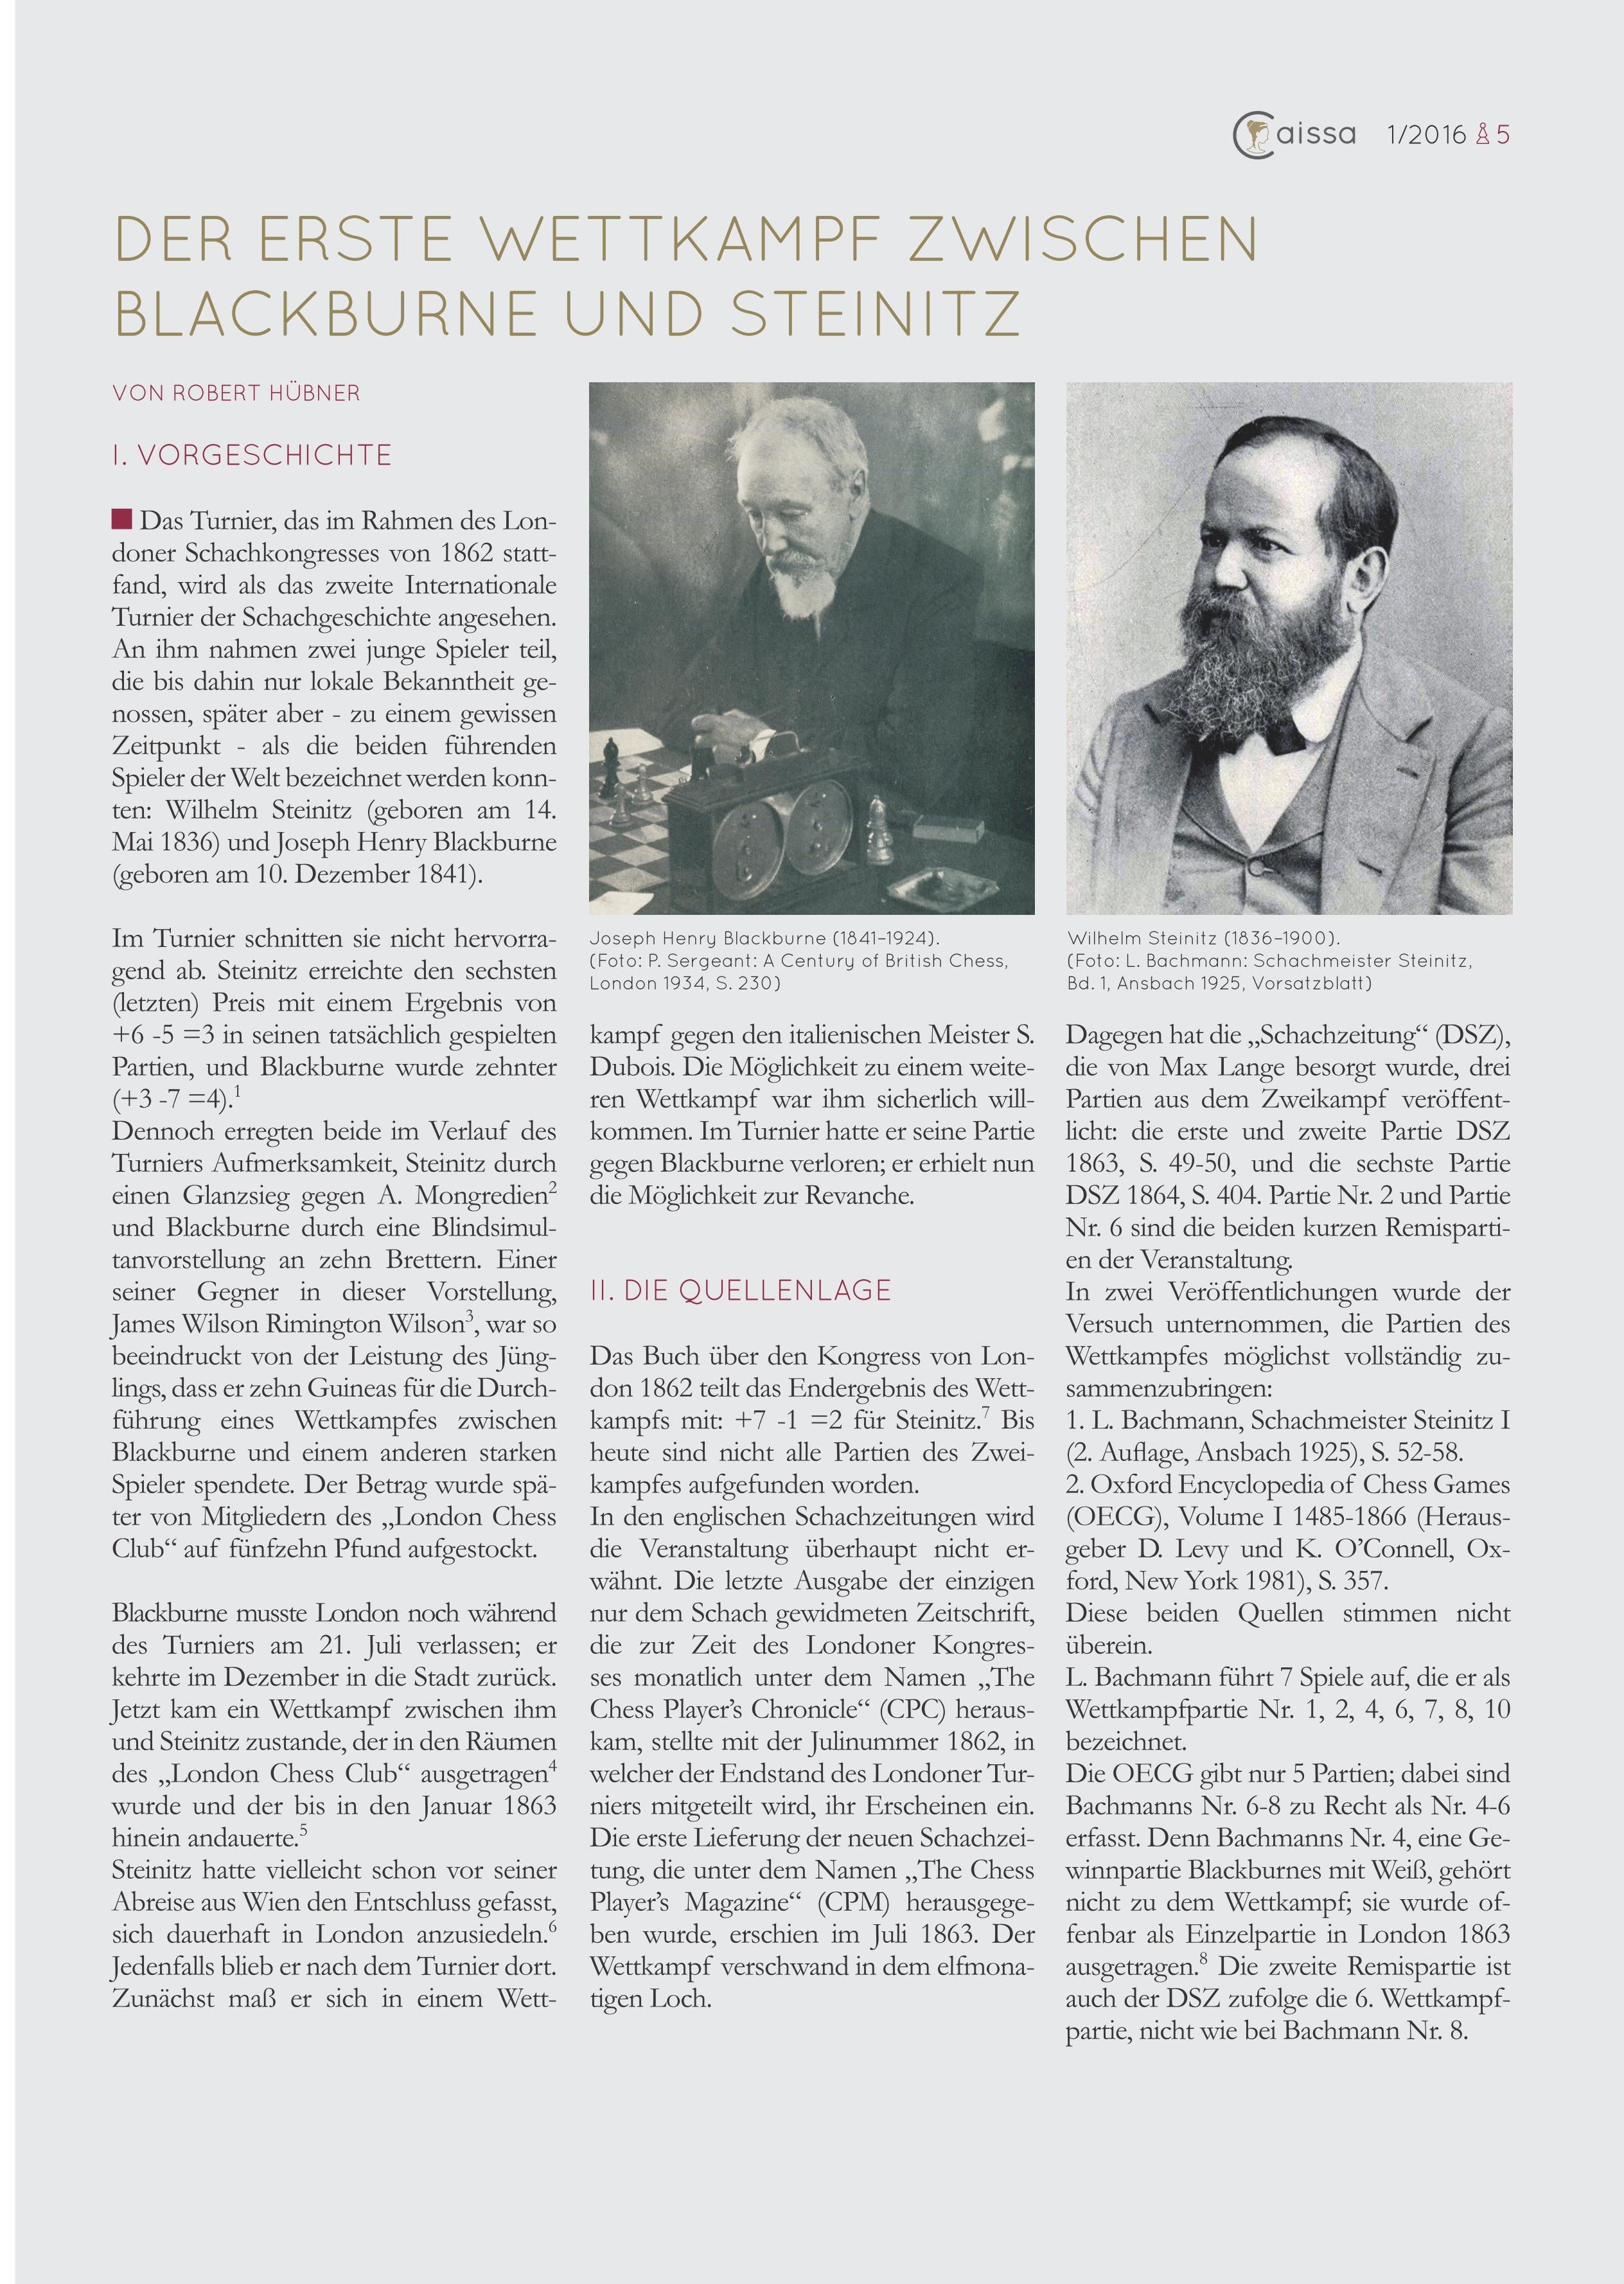 «Caissa»-Autor und Großmeister Robert Hübner arbeitete akribisch diverse Partien des legendären Matches Blackburne-Steinitz von 1822 auf und recherchierte erstmals verschollen geglaubte Notationen